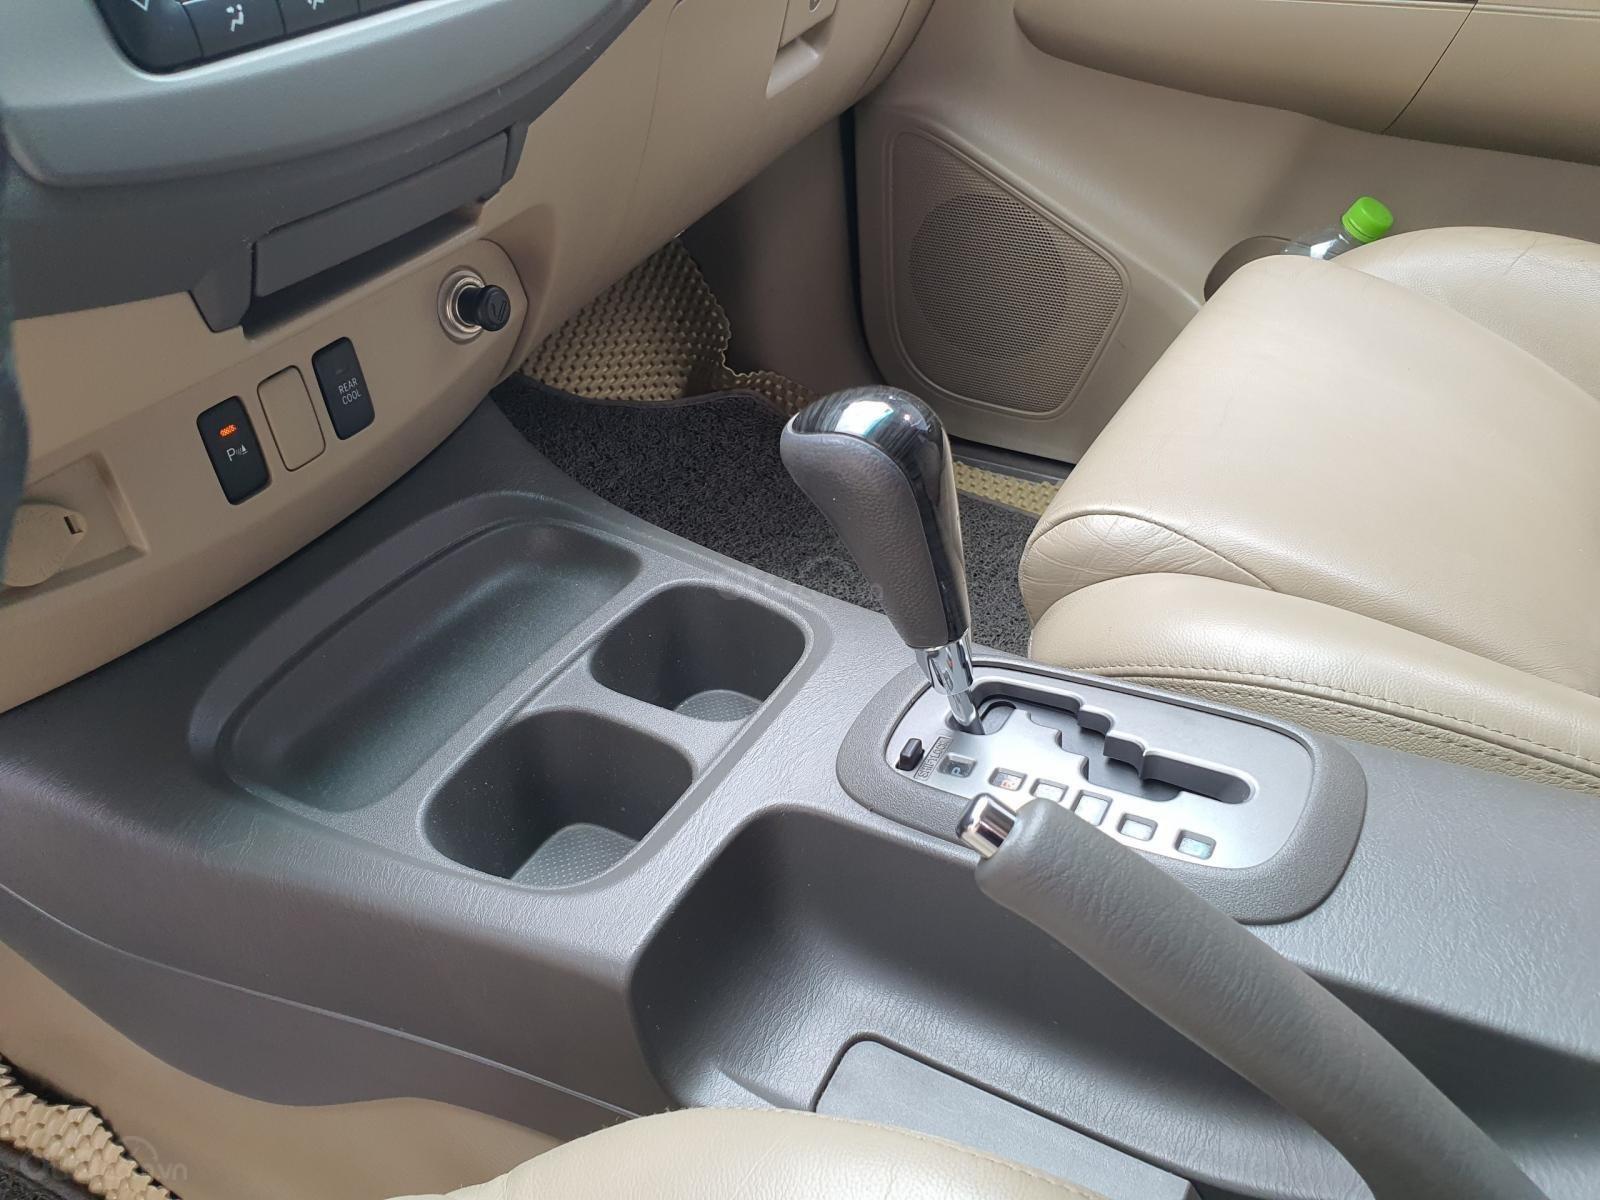 Cần bán xe Fortuner máy xăng tự động, sx năm 2012, xe còn rất mới (12)